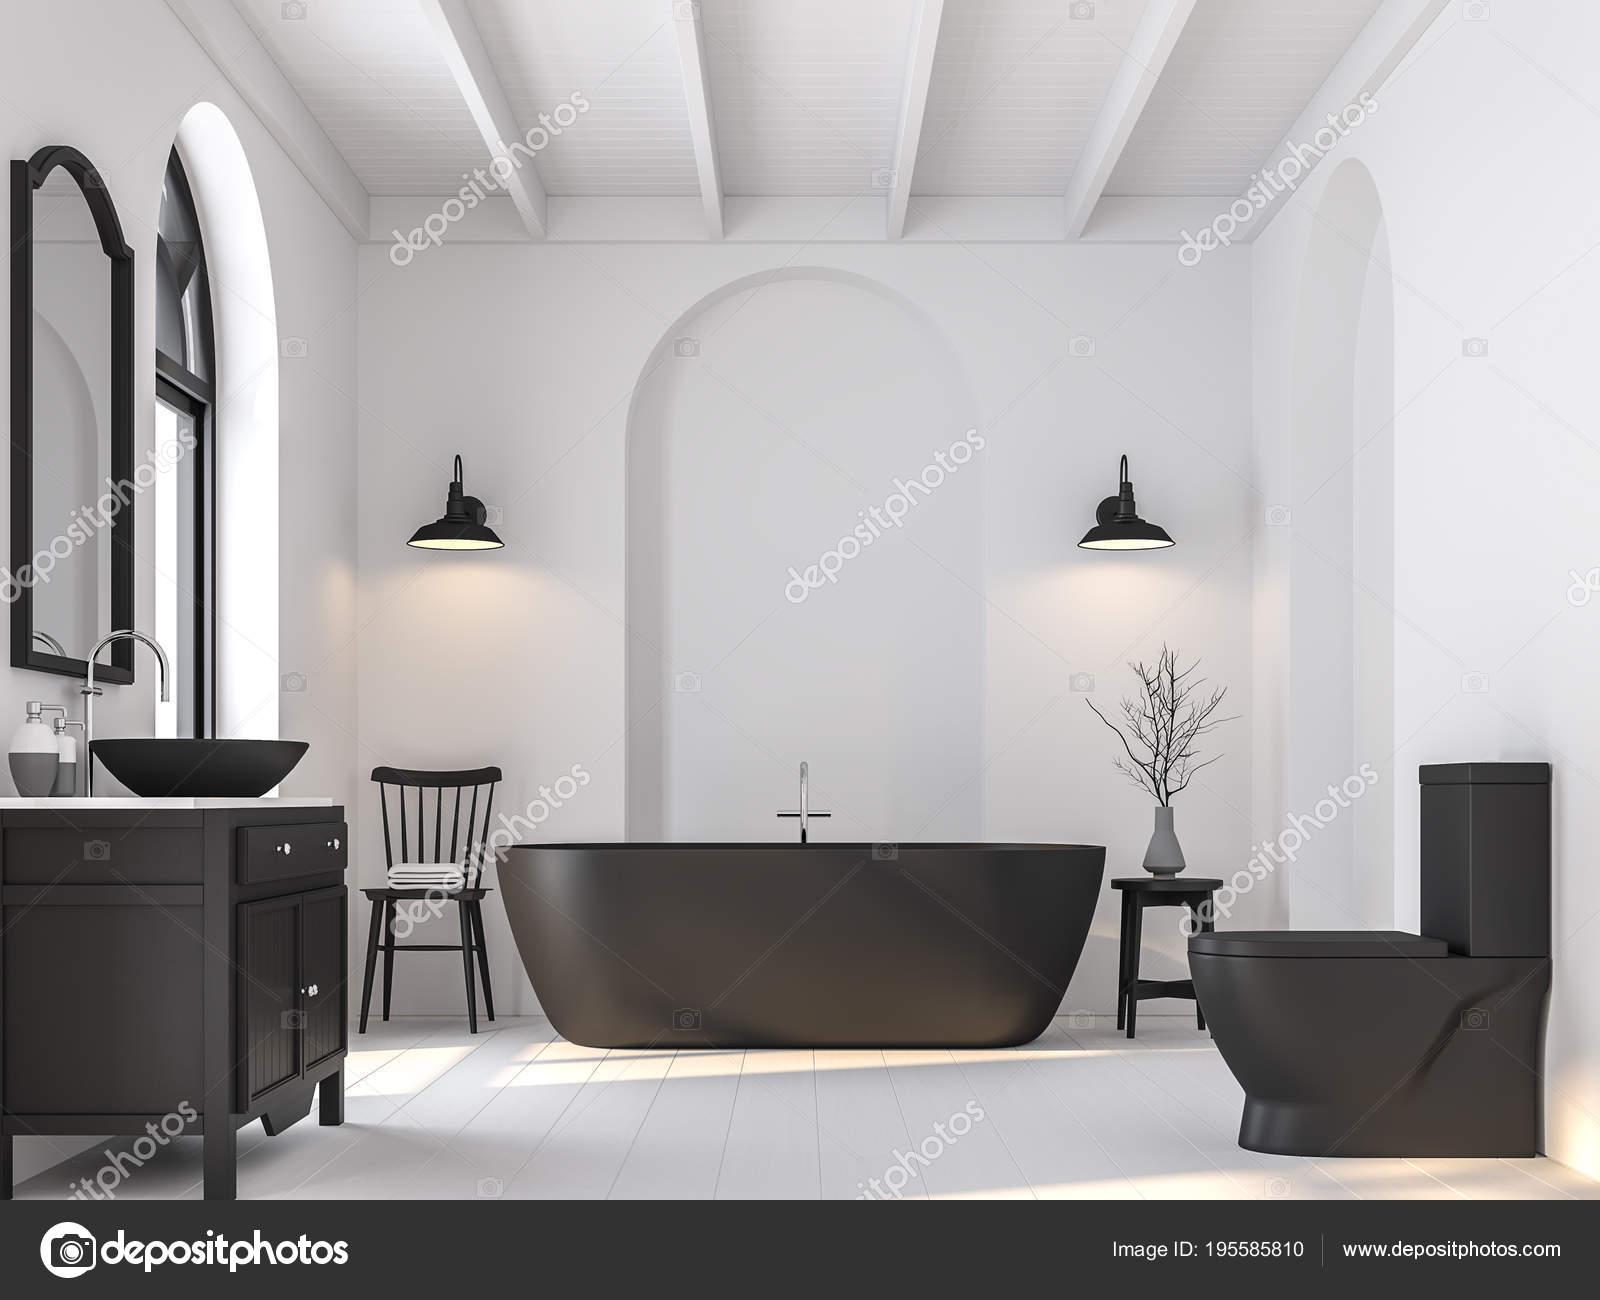 Bagno Legno Bianco : Bagno minimo con rendering bianco nero sono pavimenti legno bianco